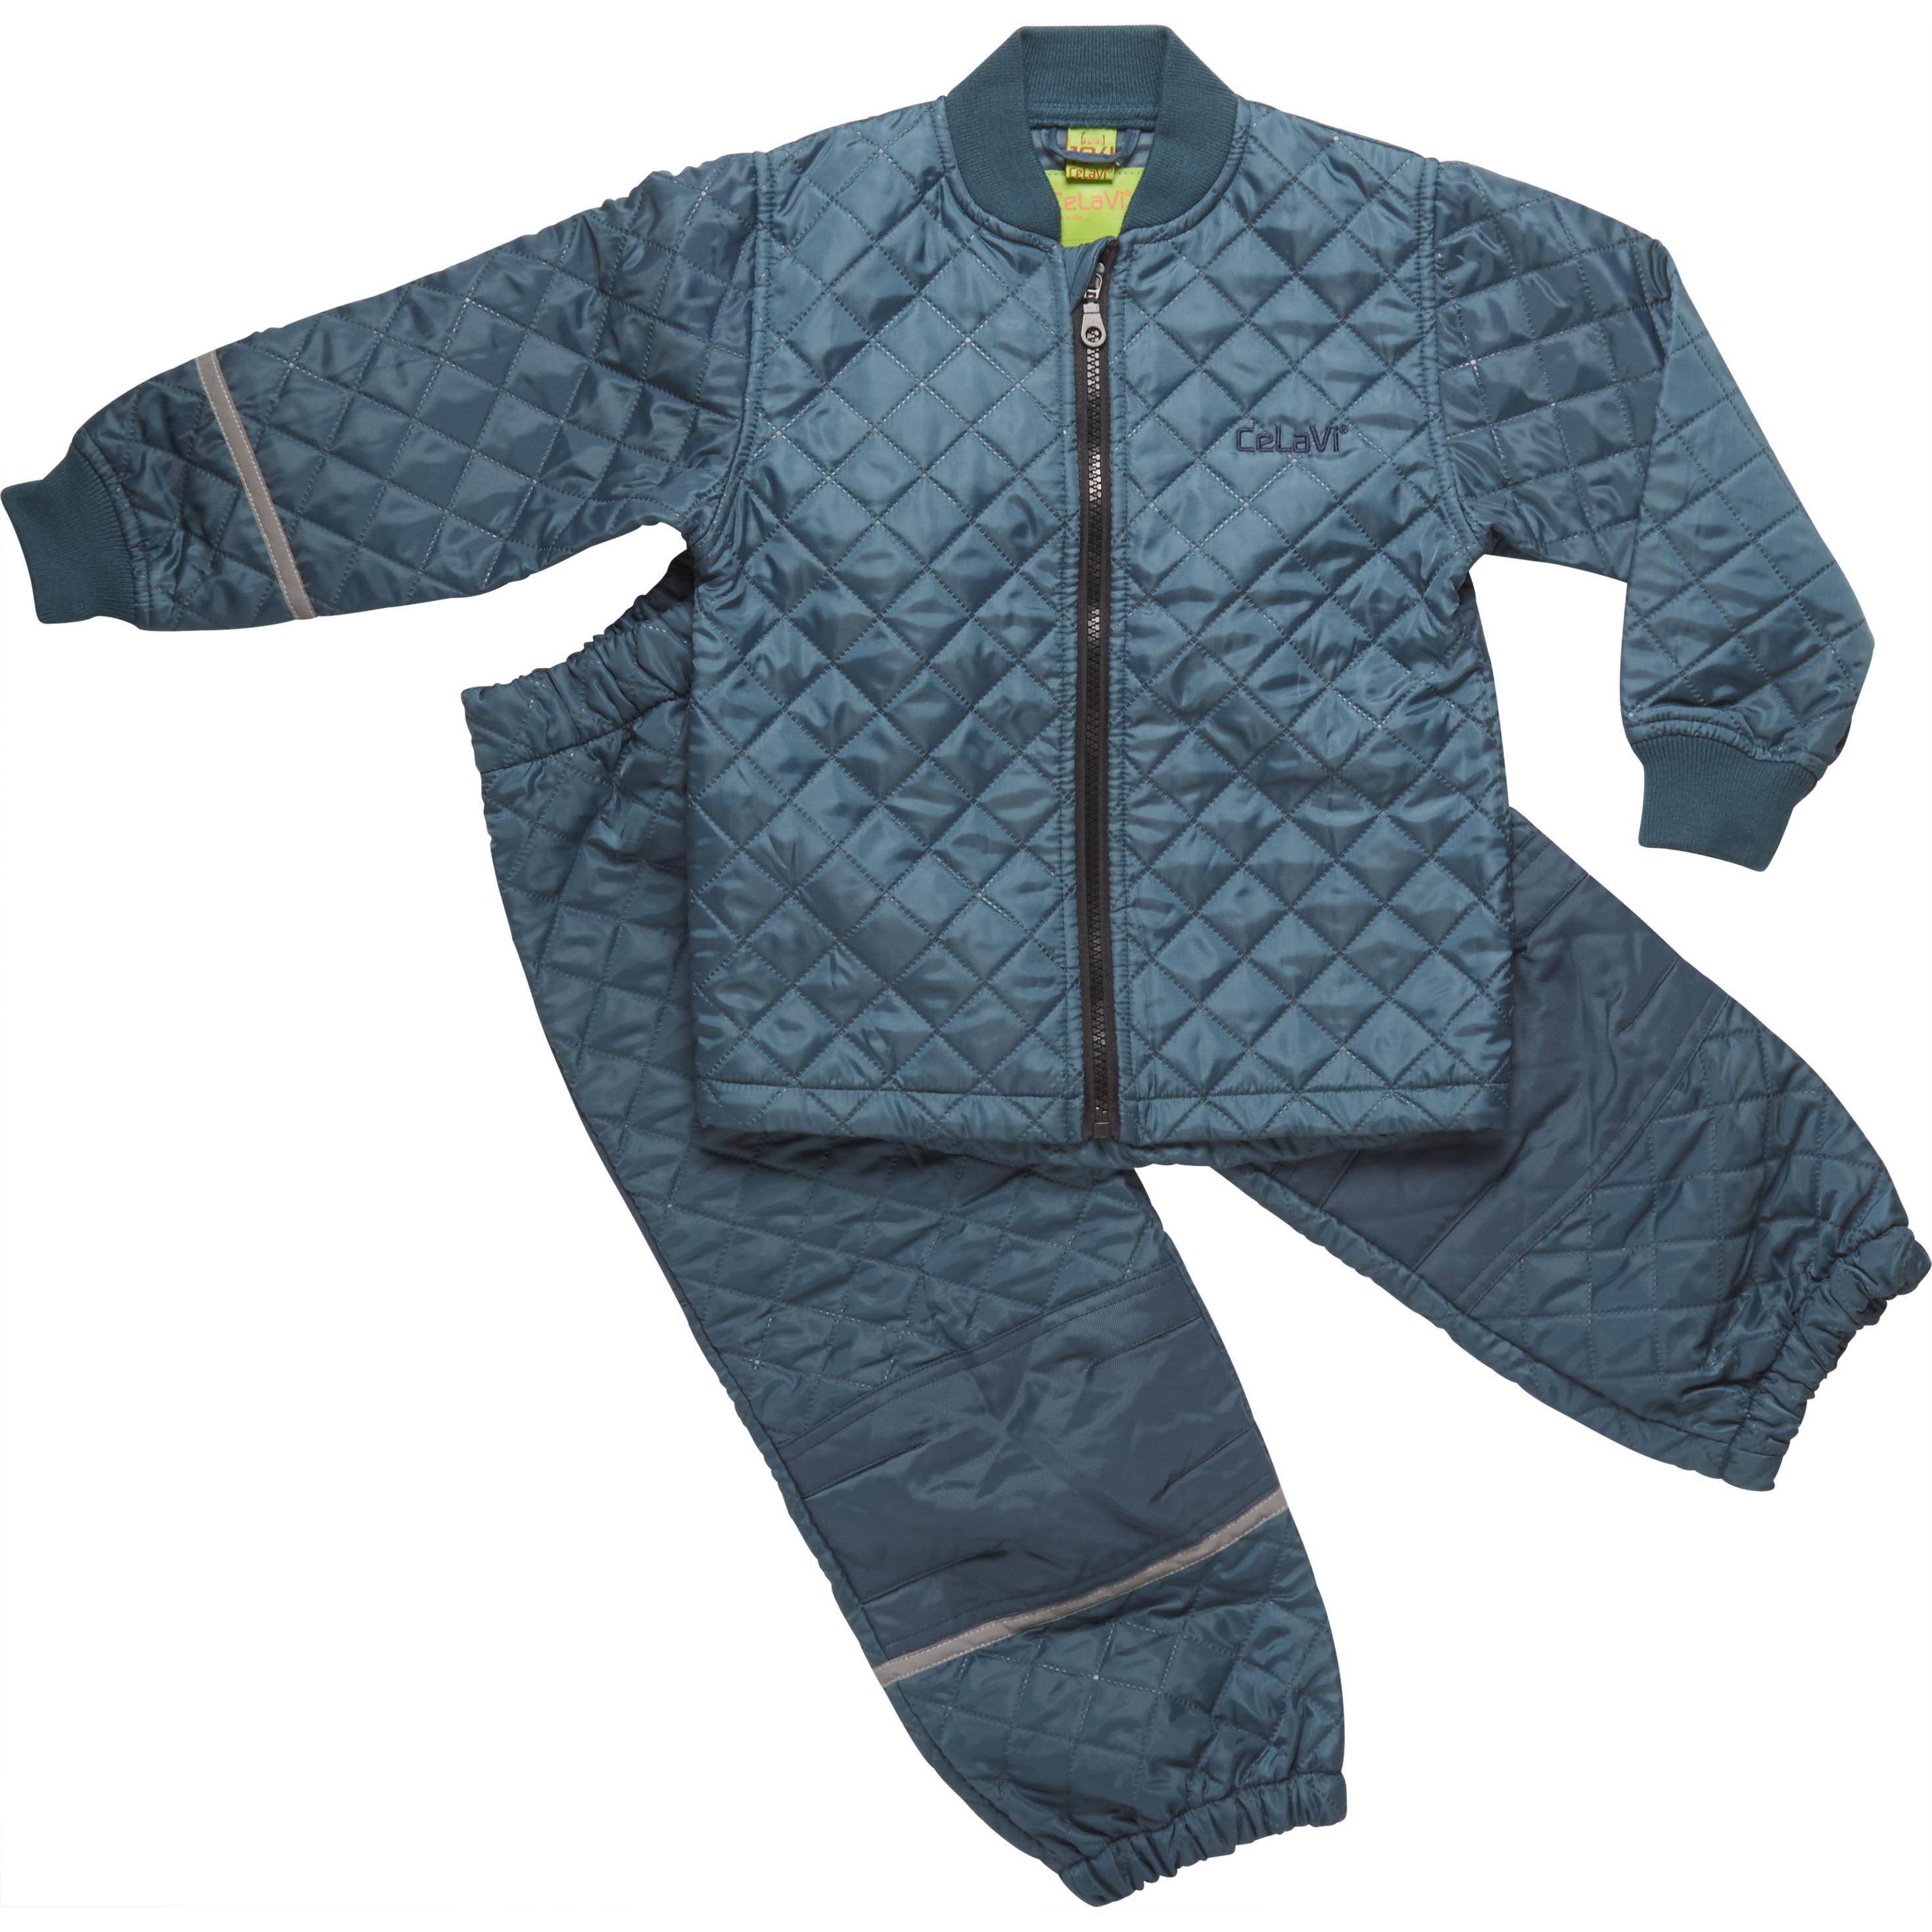 Prešívaná termo súprava detská z nohavíc a bundy CeLaVi – kopie